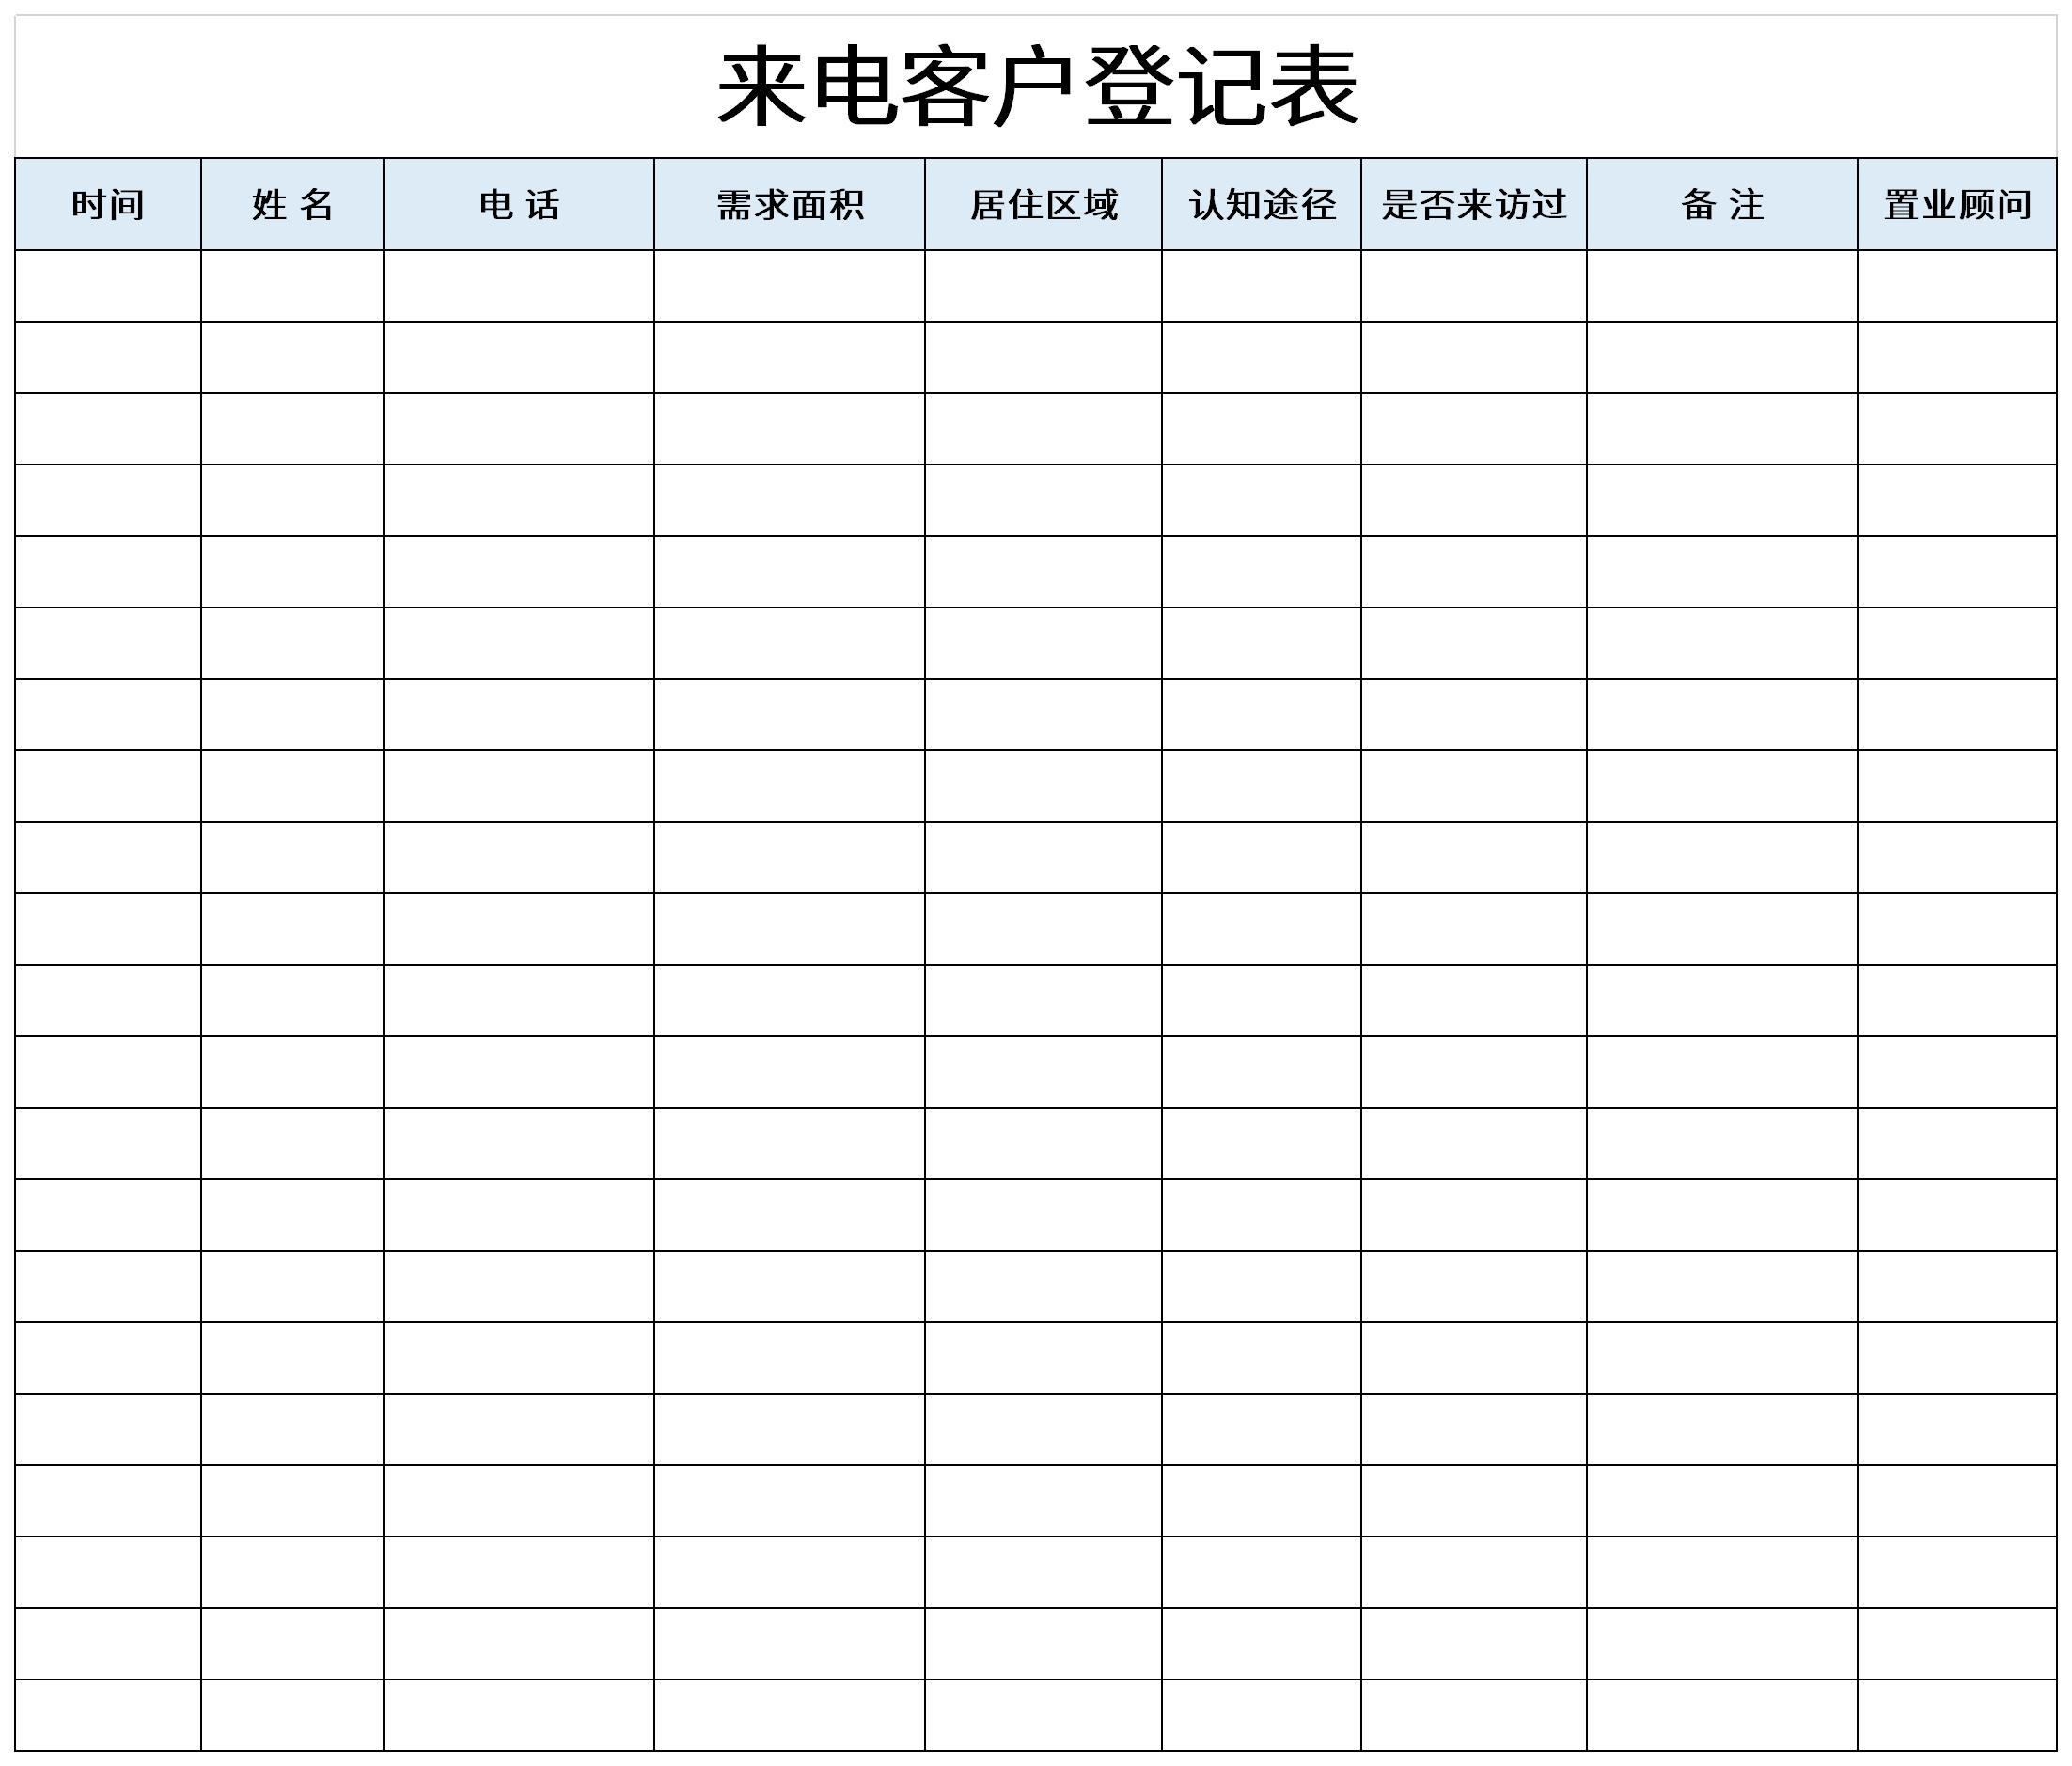 来电客户登记表截图